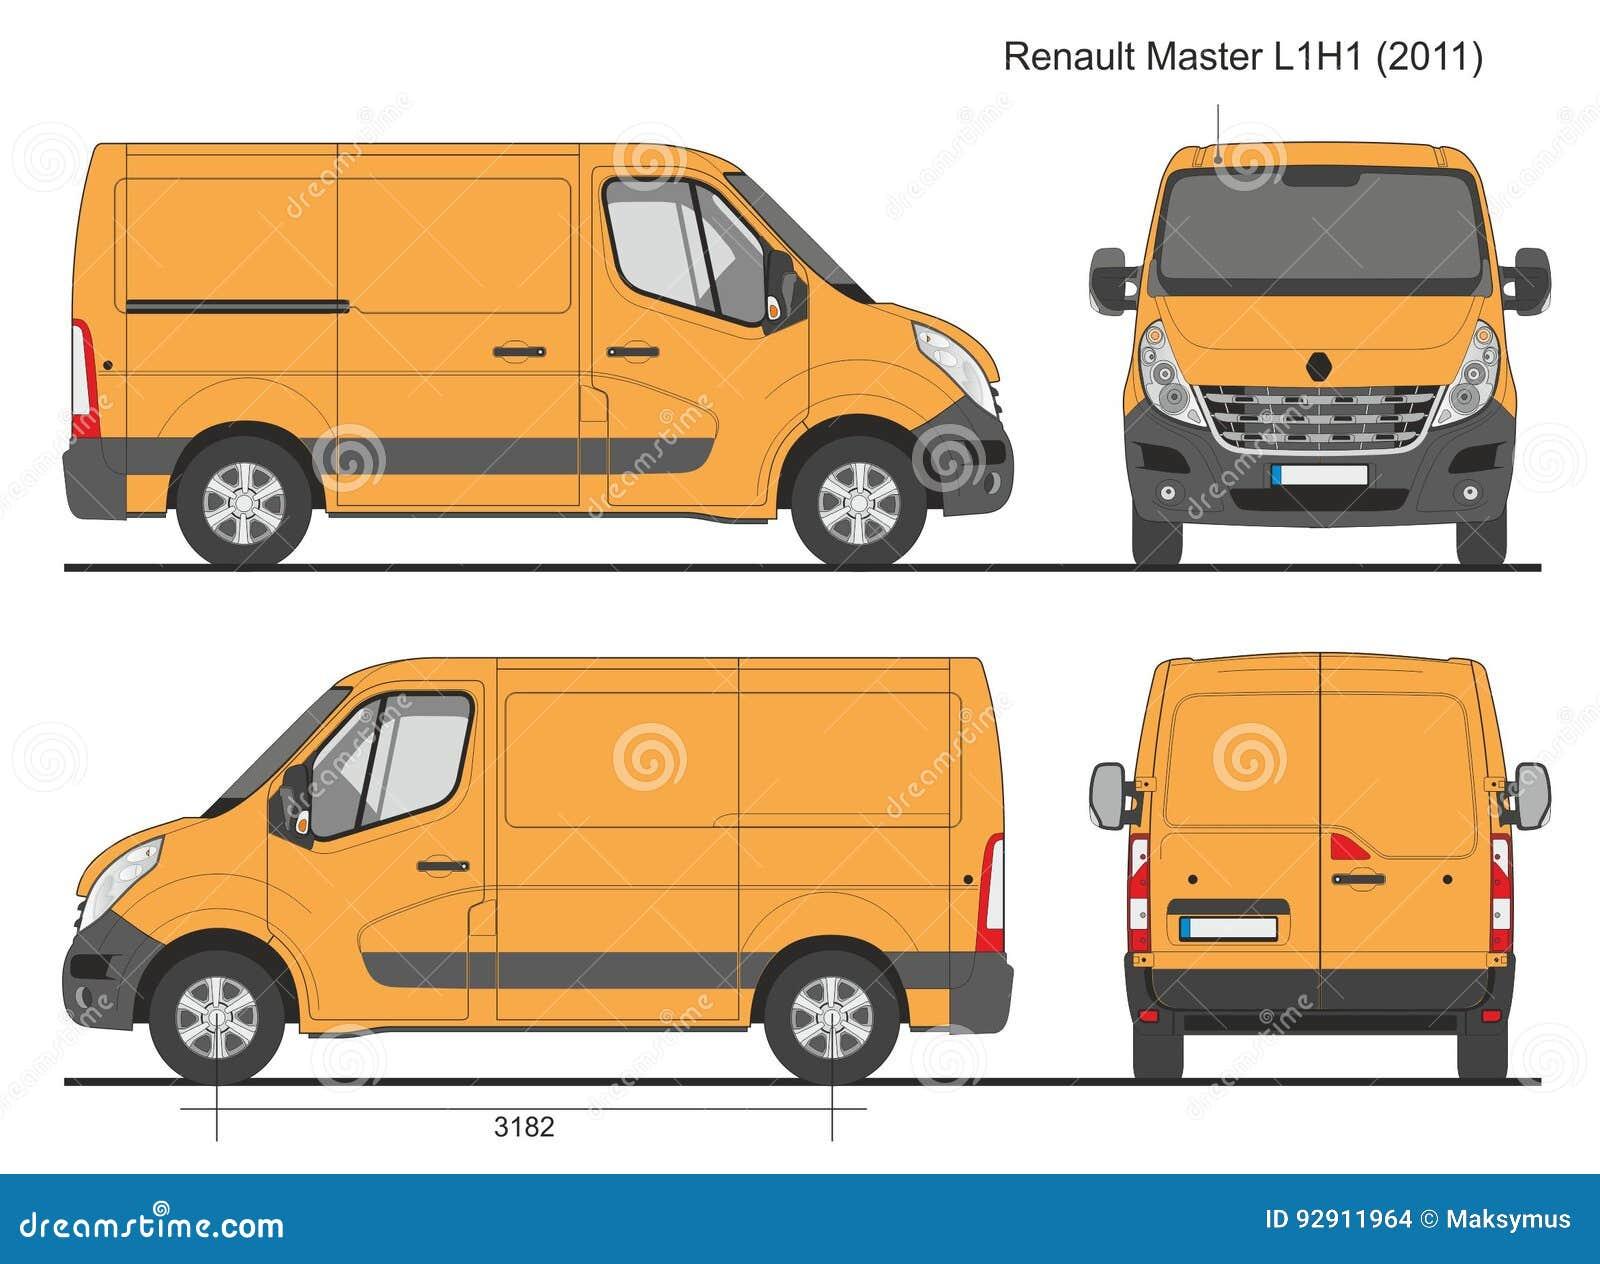 renault master van l1h1 2011 image stock ditorial. Black Bedroom Furniture Sets. Home Design Ideas